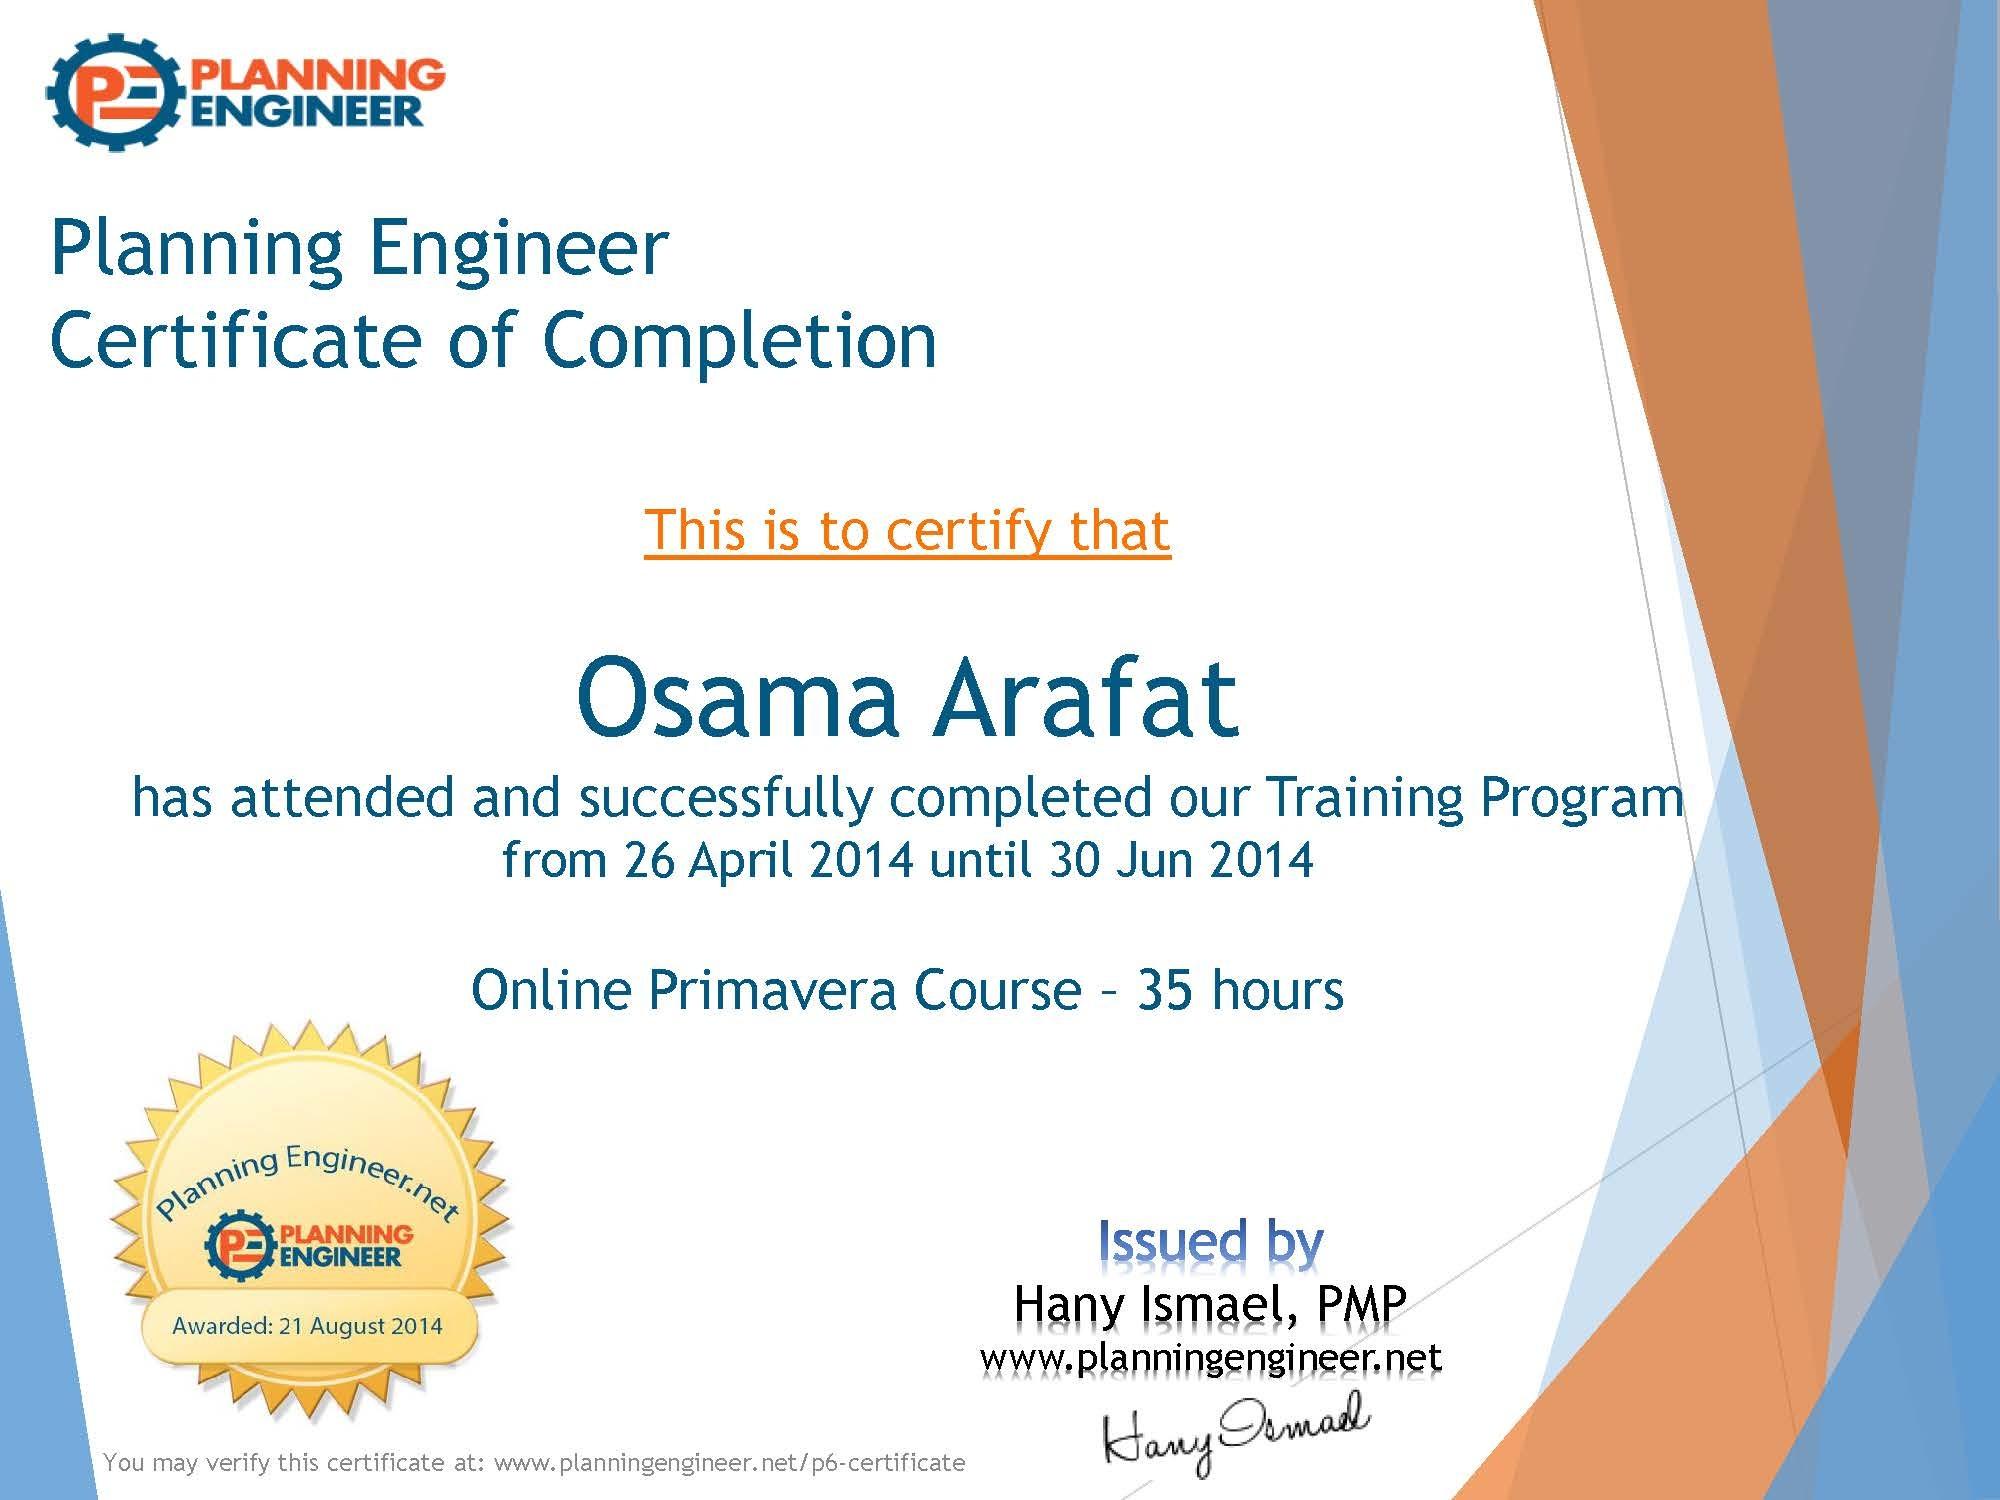 Osama arafat bayt training institute planning engineer xflitez Image collections